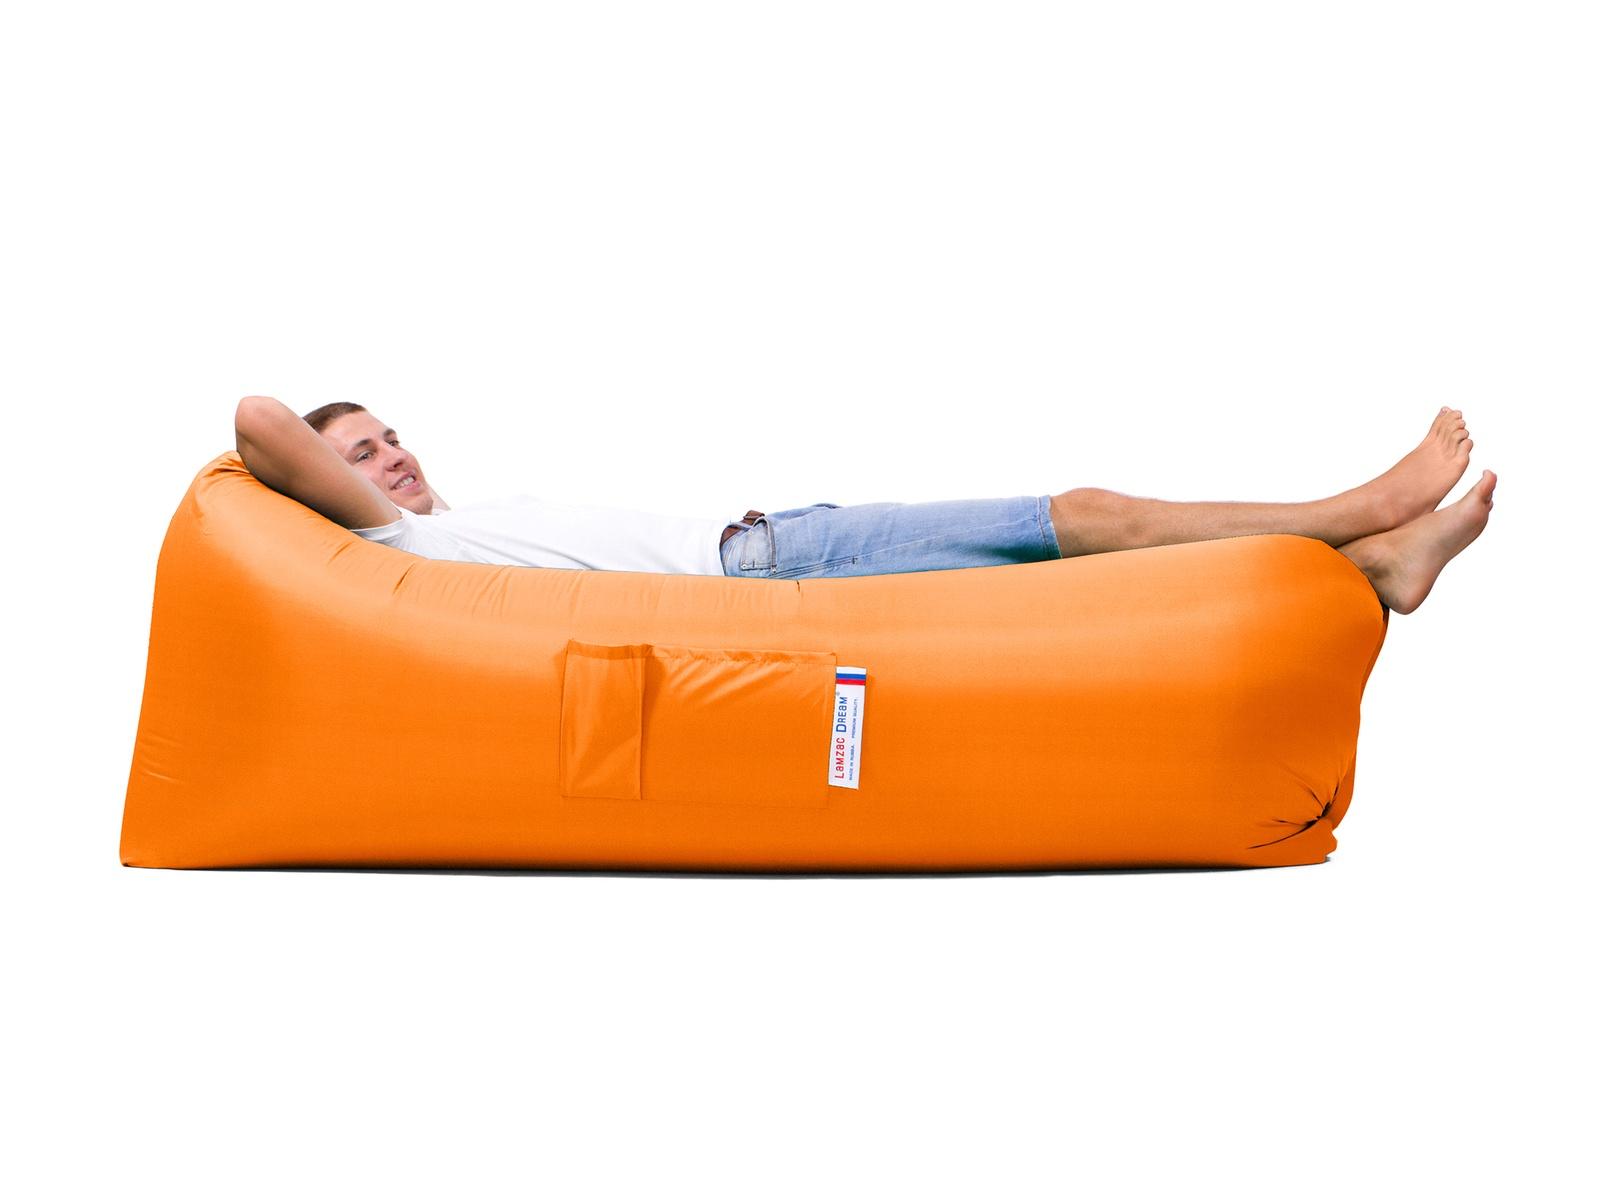 Кресло-шезлонг Lamzacdream Ламзак Комфорт, оранжевыйL-COMF-ORNЛамзак «Комфорт» отличается повышенной устойчивостью, комфортной формой подголовника, это новое слово в дизайне Ламзак, для тех, кто ценит все самое лучшее и современное. Надувной лежак имеет 2 кармана: большой и маленький, для бутылки, крючок с колышком для крепления надувного дивана при ветре. Выдерживает вес до 300кг. Максимальный размер надувного дивана в надутом состоянии 190-200см.